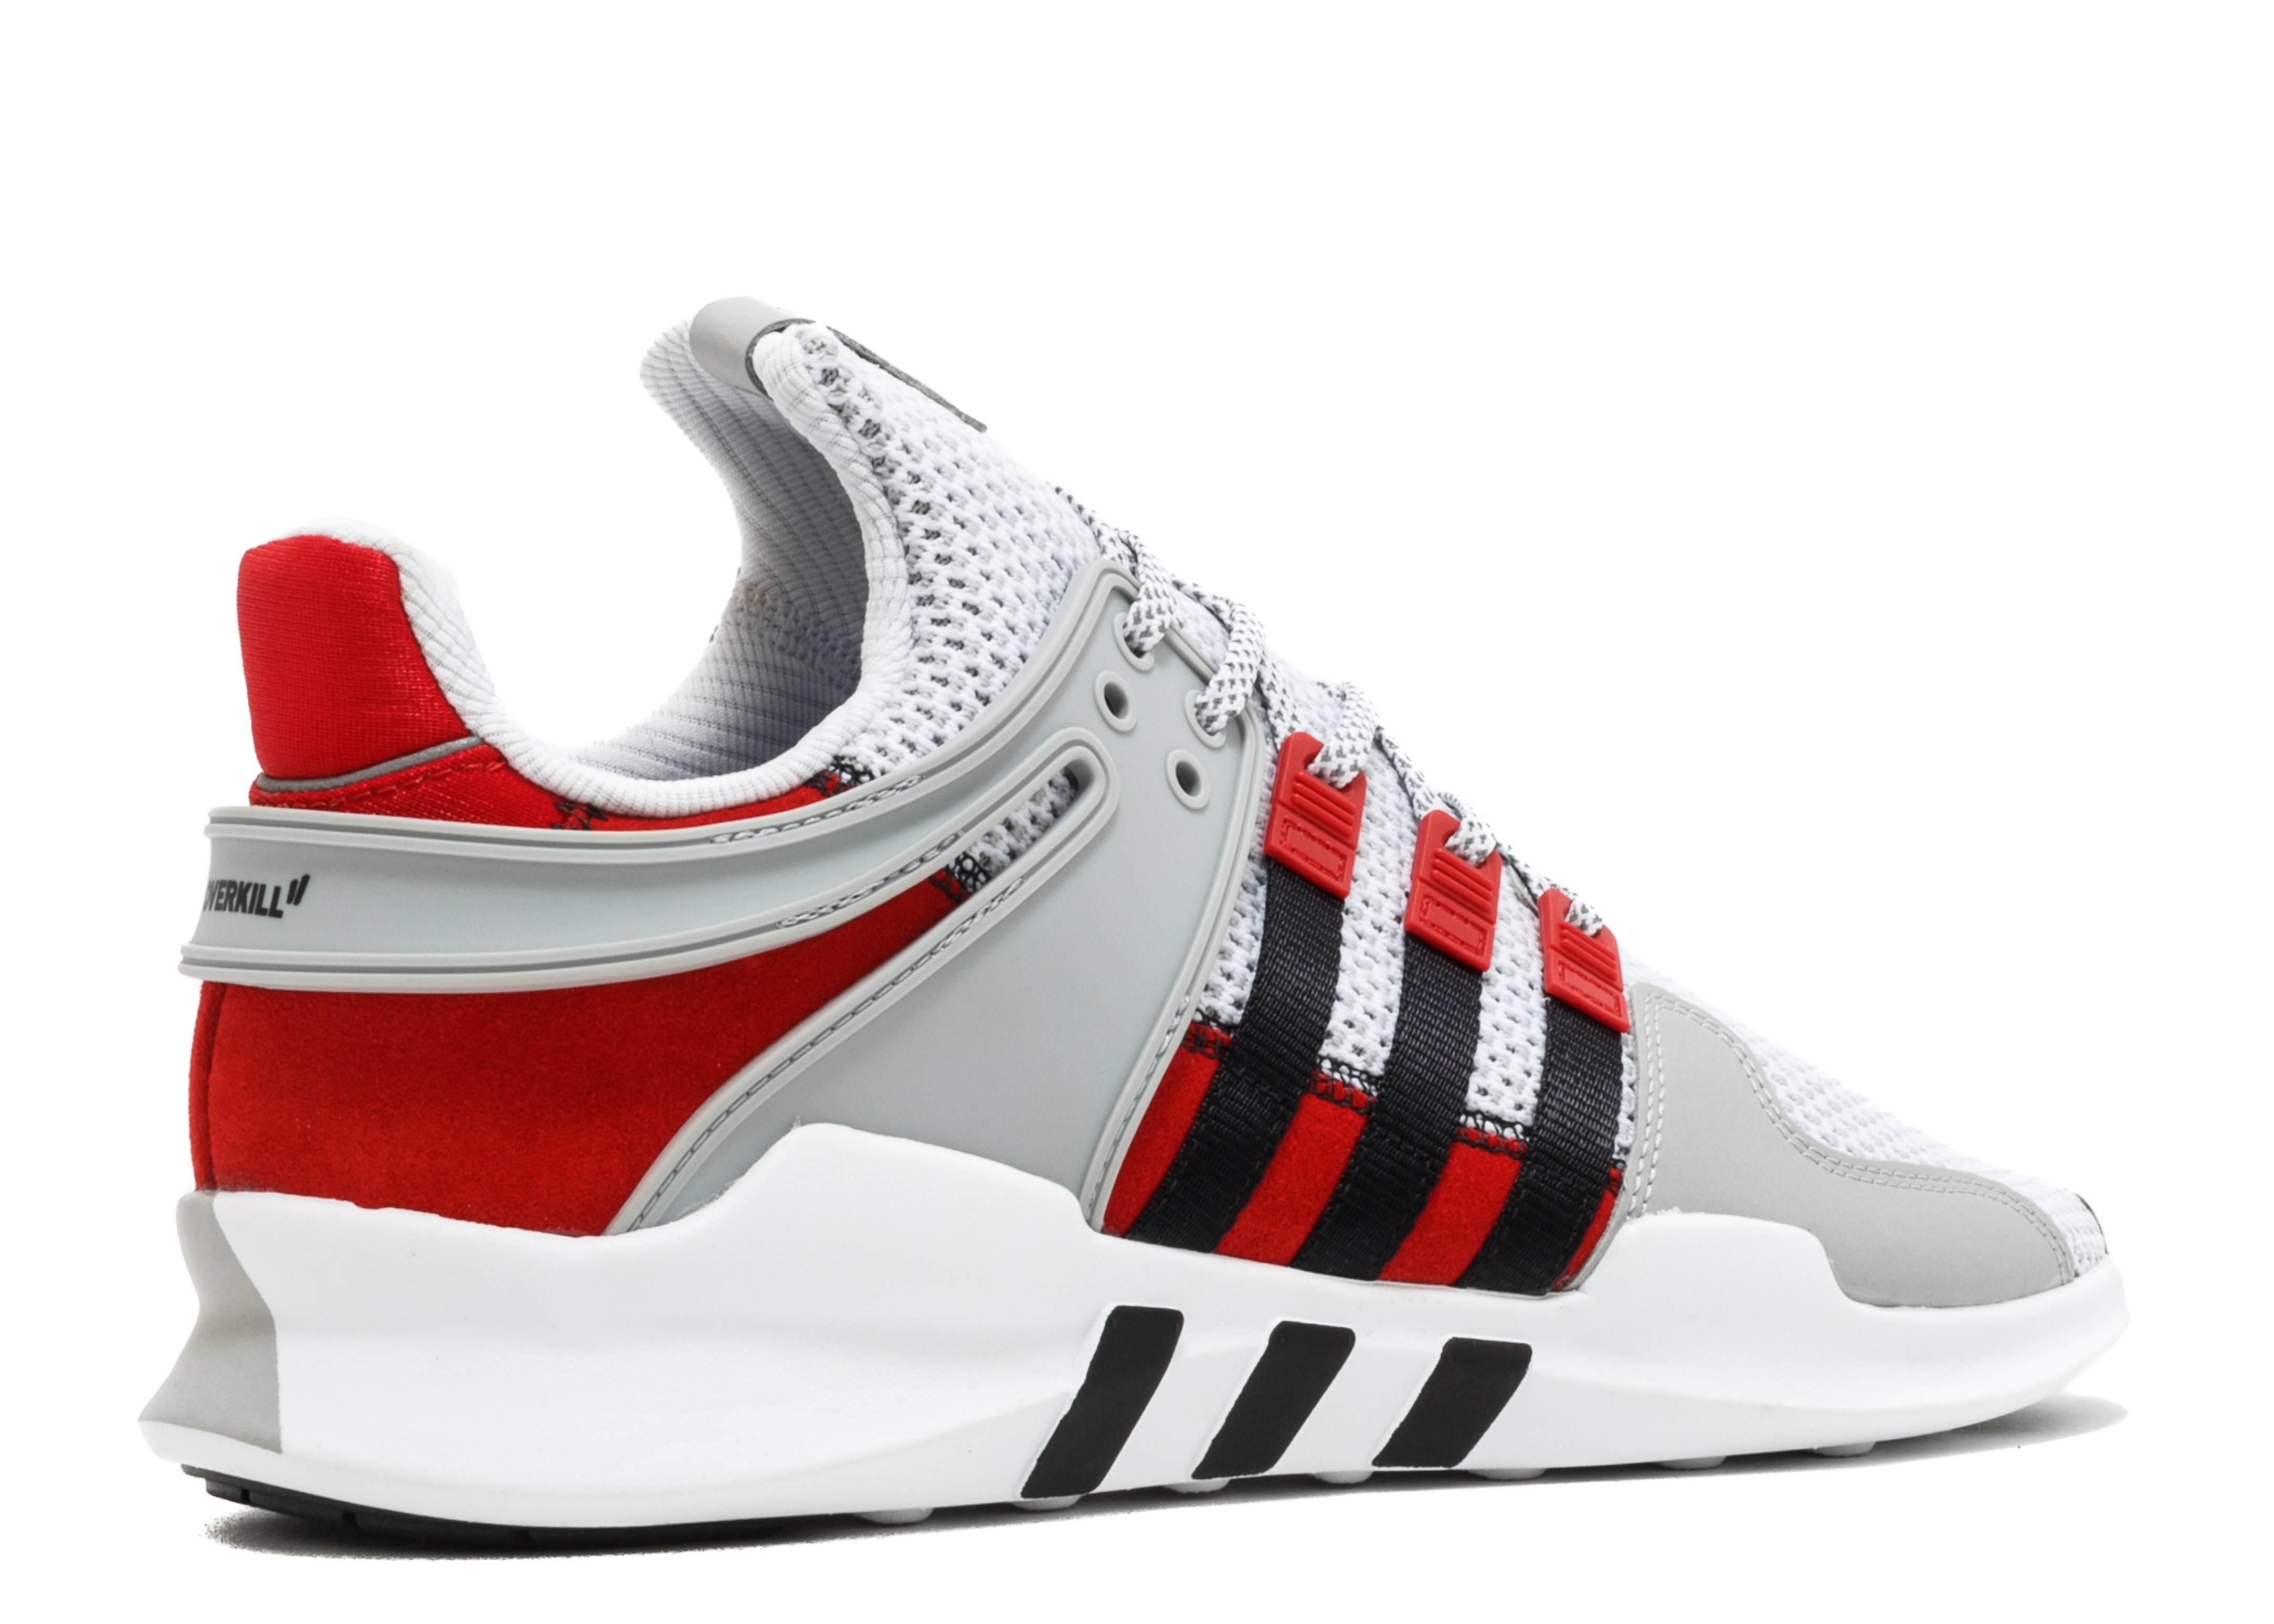 on sale d8b54 e5121 Kick Avenue - Authentic Sneakers